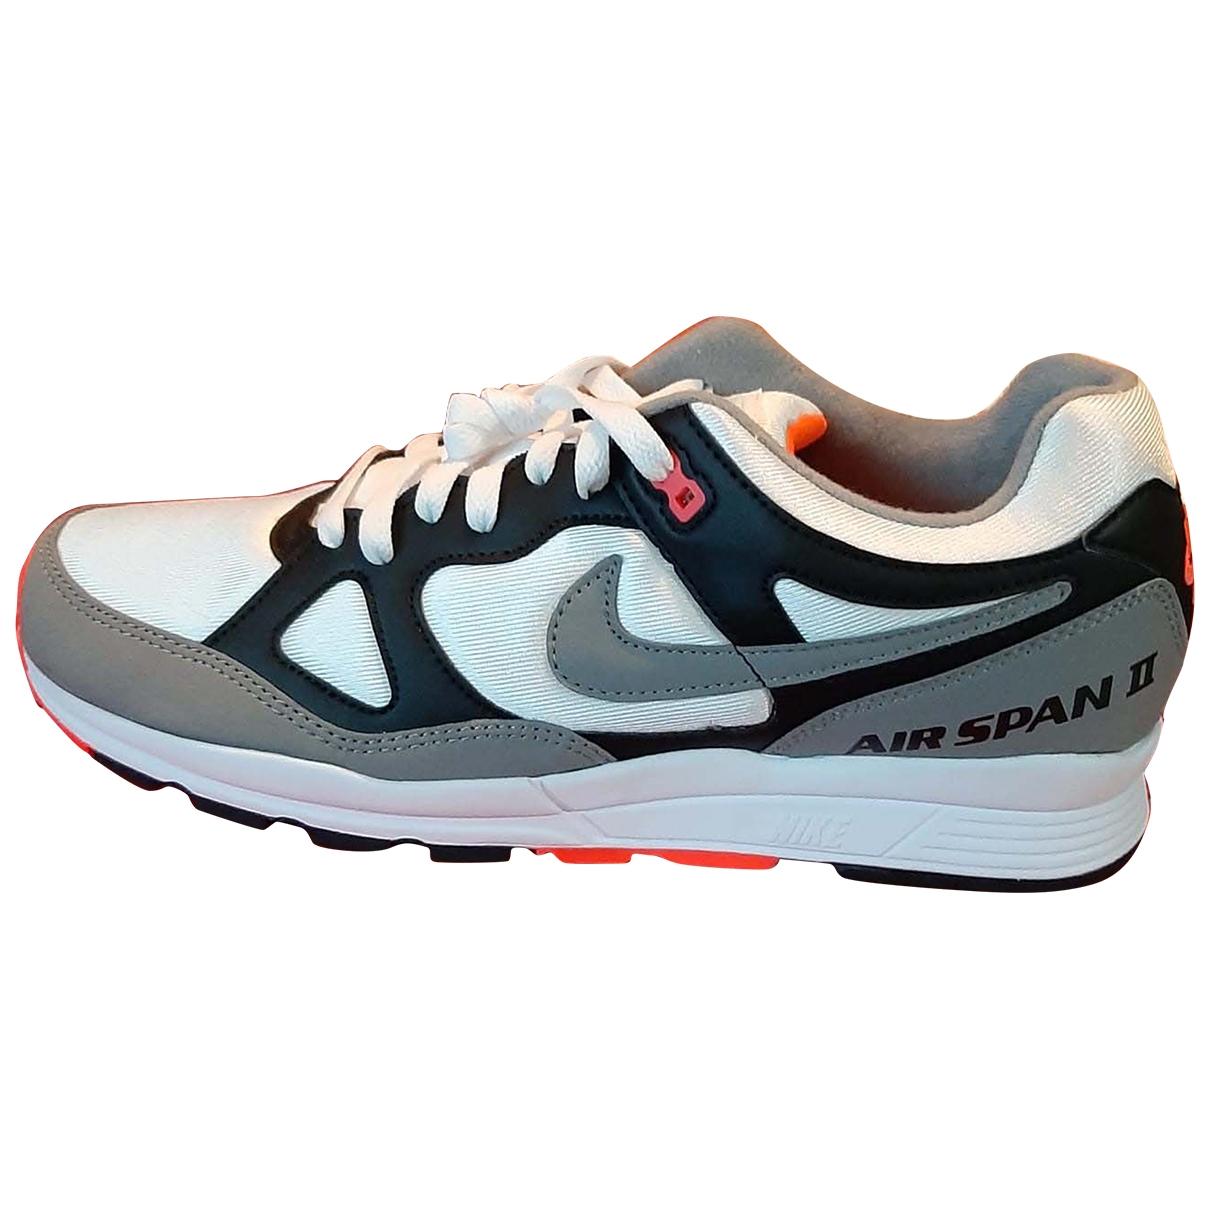 Nike Air Span II Sneakers in Leinen